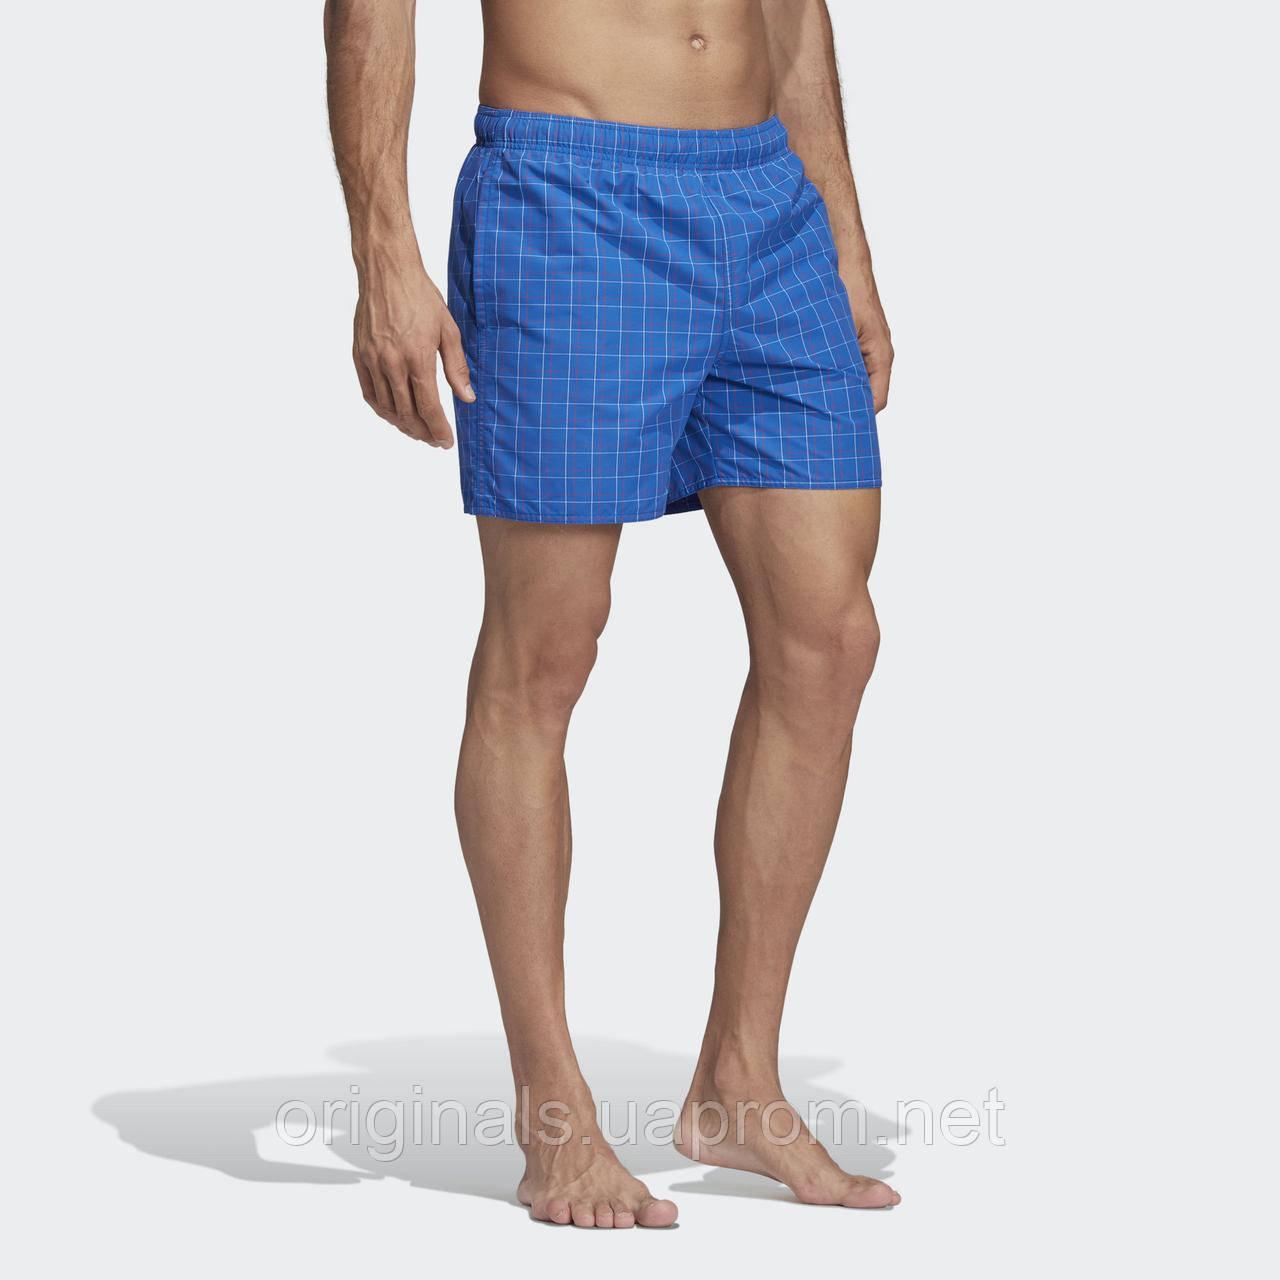 7fed53ffb74c0 Пляжные шорты Adidas Checkered CV5164 - 2018/2 - интернет-магазин Originals  - Оригинальный